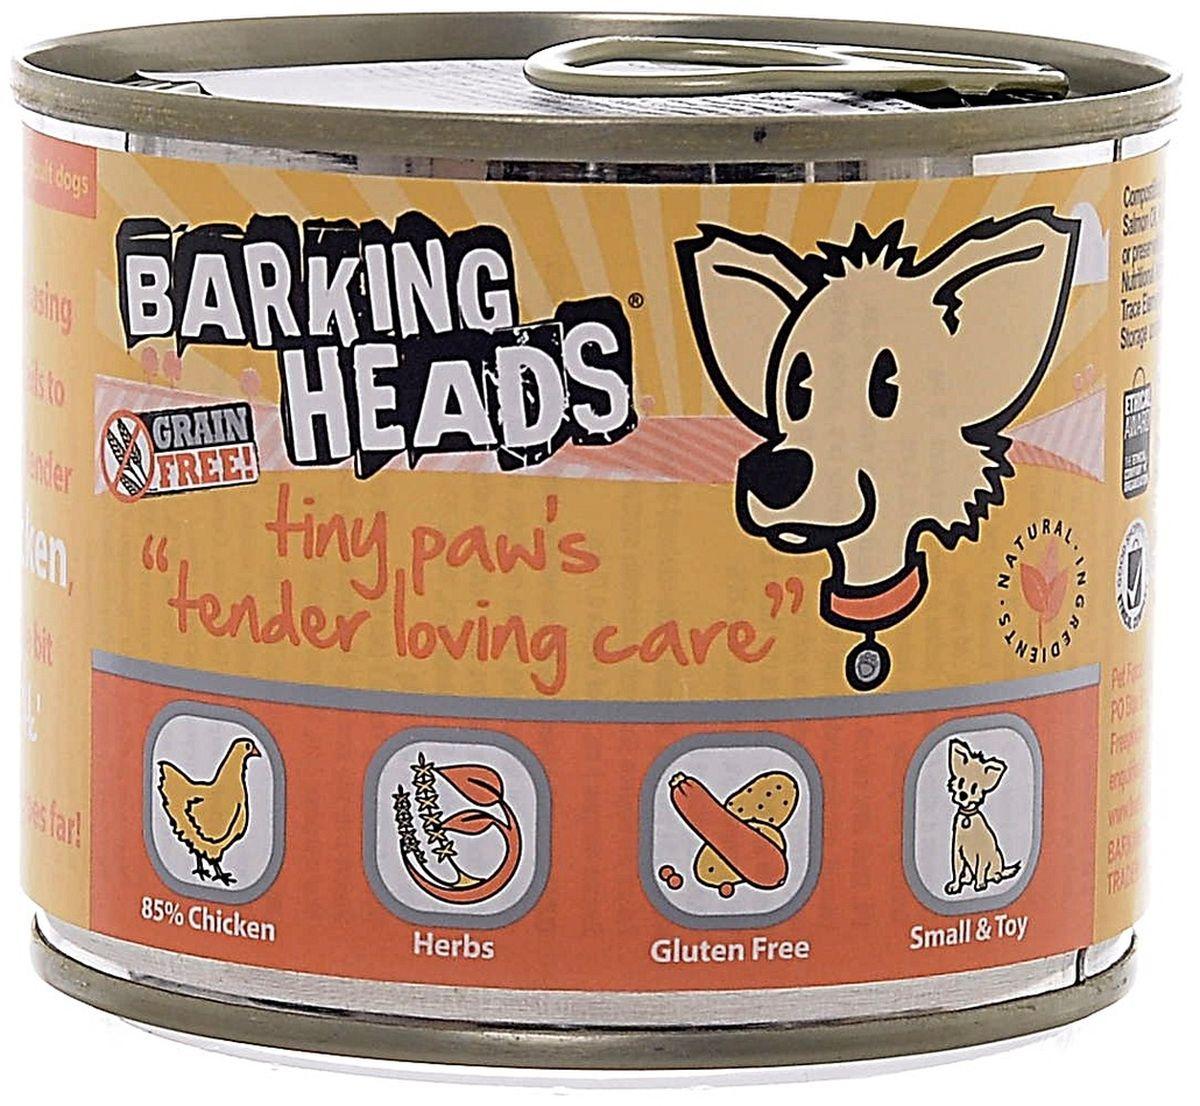 Консервы Barking Heads Нежная забота для мелколапого для собак мелких пород, с курицей, 200 г13829Консервы Barking Heads Нежная забота для мелколапого - это обед аристократа. Пусть питомец почувствует всю вашу любовь! Отличный вкус, нежный аромат натурального корма и заботливый хозяин рядом - что еще нужно счастливому питомцу! Консервы можно использовать в качестве полнорационного корма.Состав: 85% курицы (60% курицы, 25% куриного бульона), батат, сушеная морковь, кабачки, горох, растительное масло, лососевый жир, ламинария, люцерна, сушеная петрушка, сельдерей, корень цикория, крапива, куркума, анисовое семя.Гарантированный анализ: белок 10,1%, содержание жира 6,5%, зола 2,5%, клетчатка 0,5%, влага 75%.Витамины: витамин D3 2000 IU, витамин Е 30 МЕ.Комплекс микроэлементов: моногидрат сульфата цинка 15 мг, моногидрат сульфата марганца 3 мг, безводный йодат кальция 0,75 мг.Товар сертифицирован.